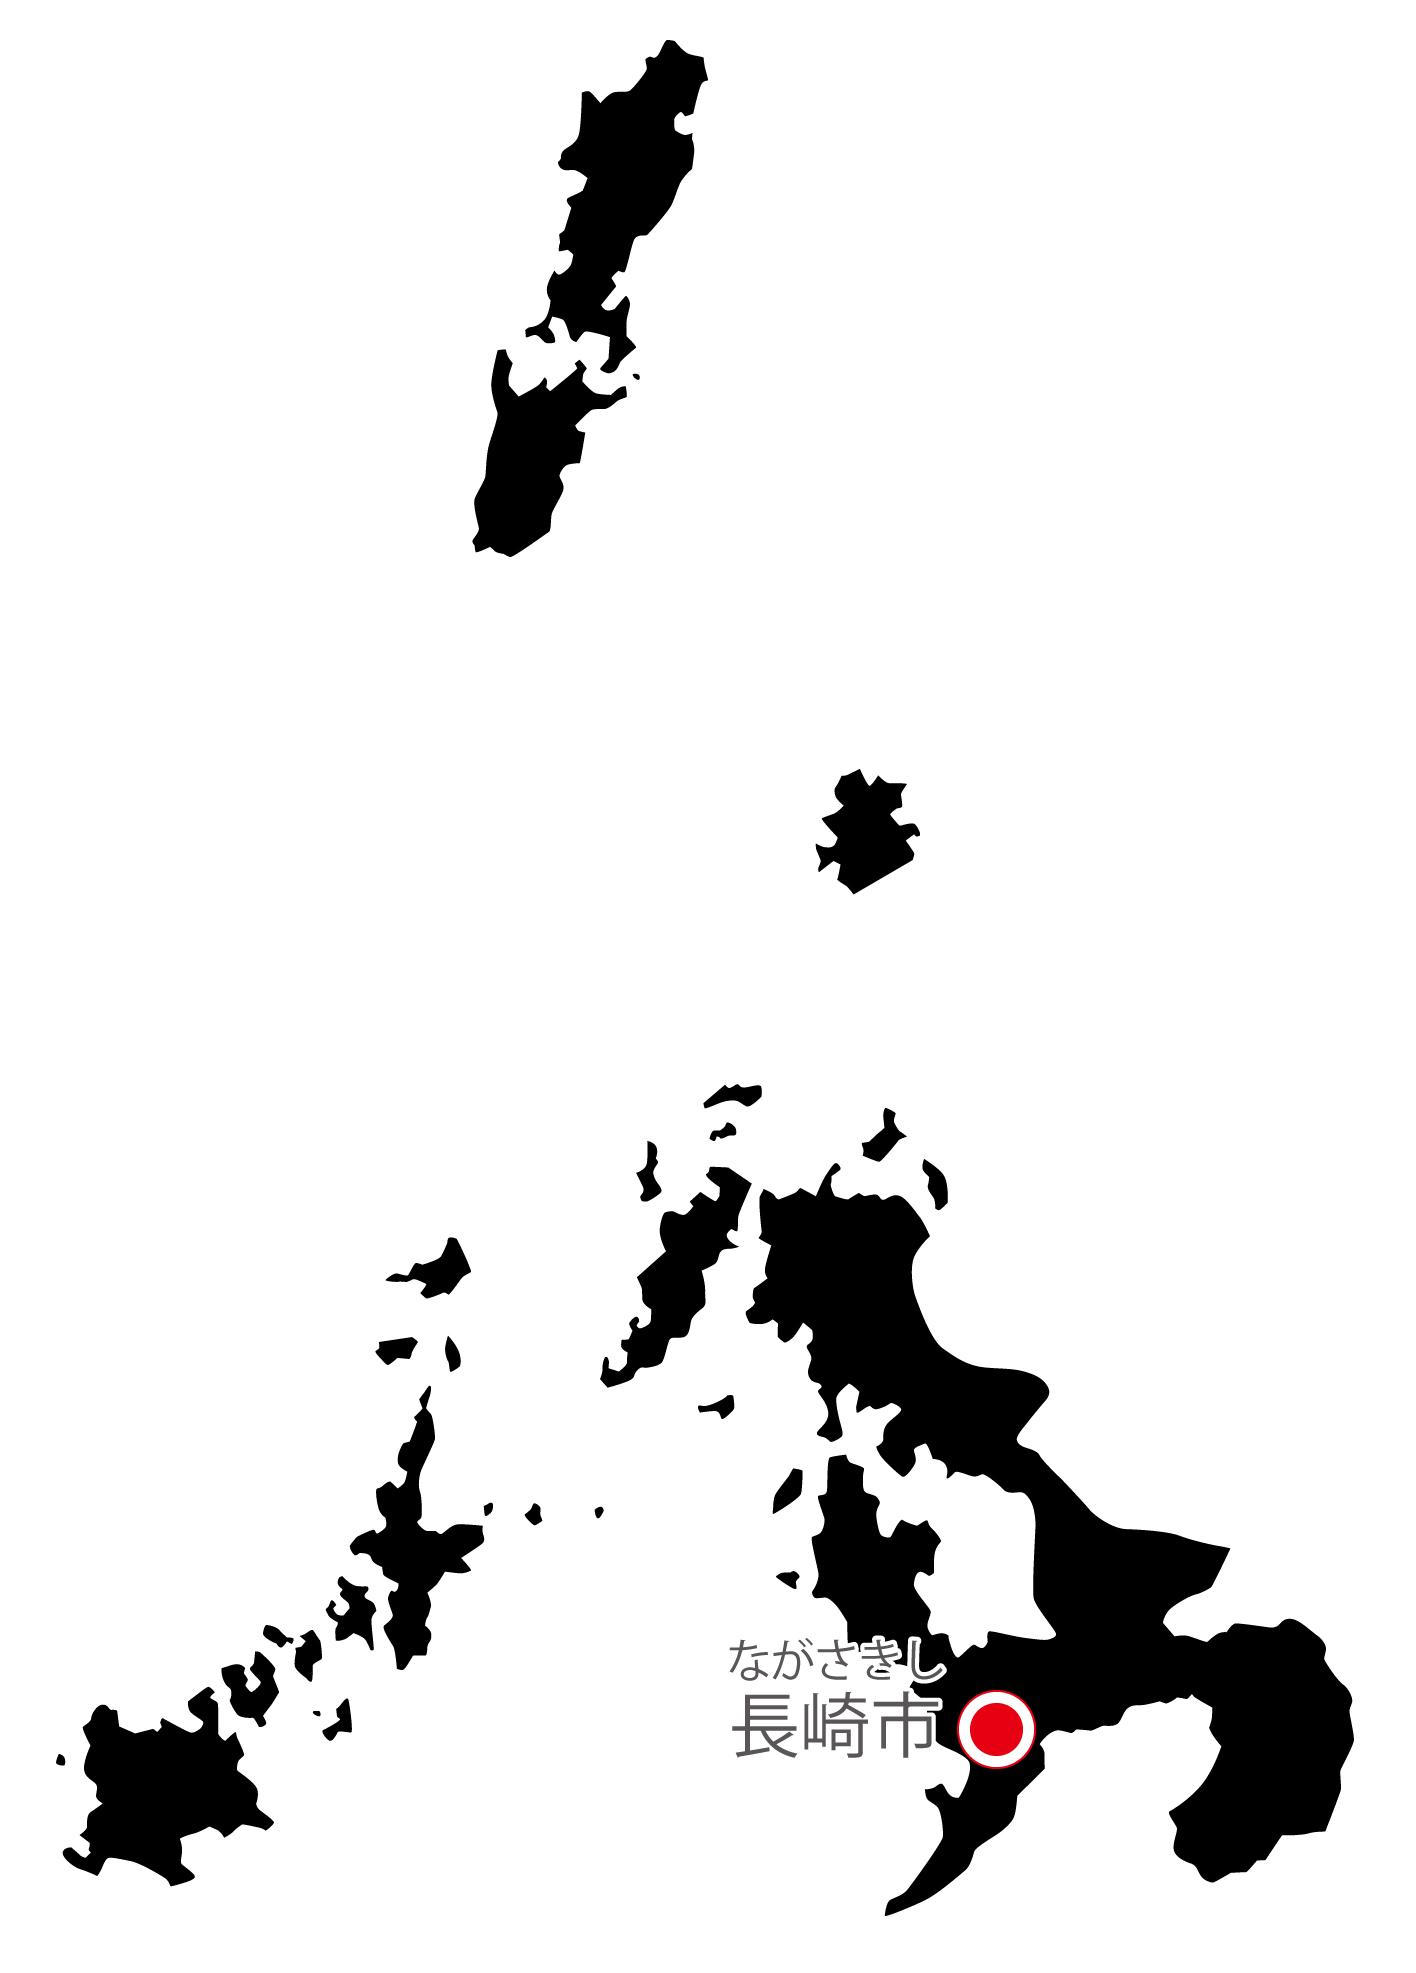 長崎県無料フリーイラスト|日本語・県庁所在地あり・ルビあり(黒)